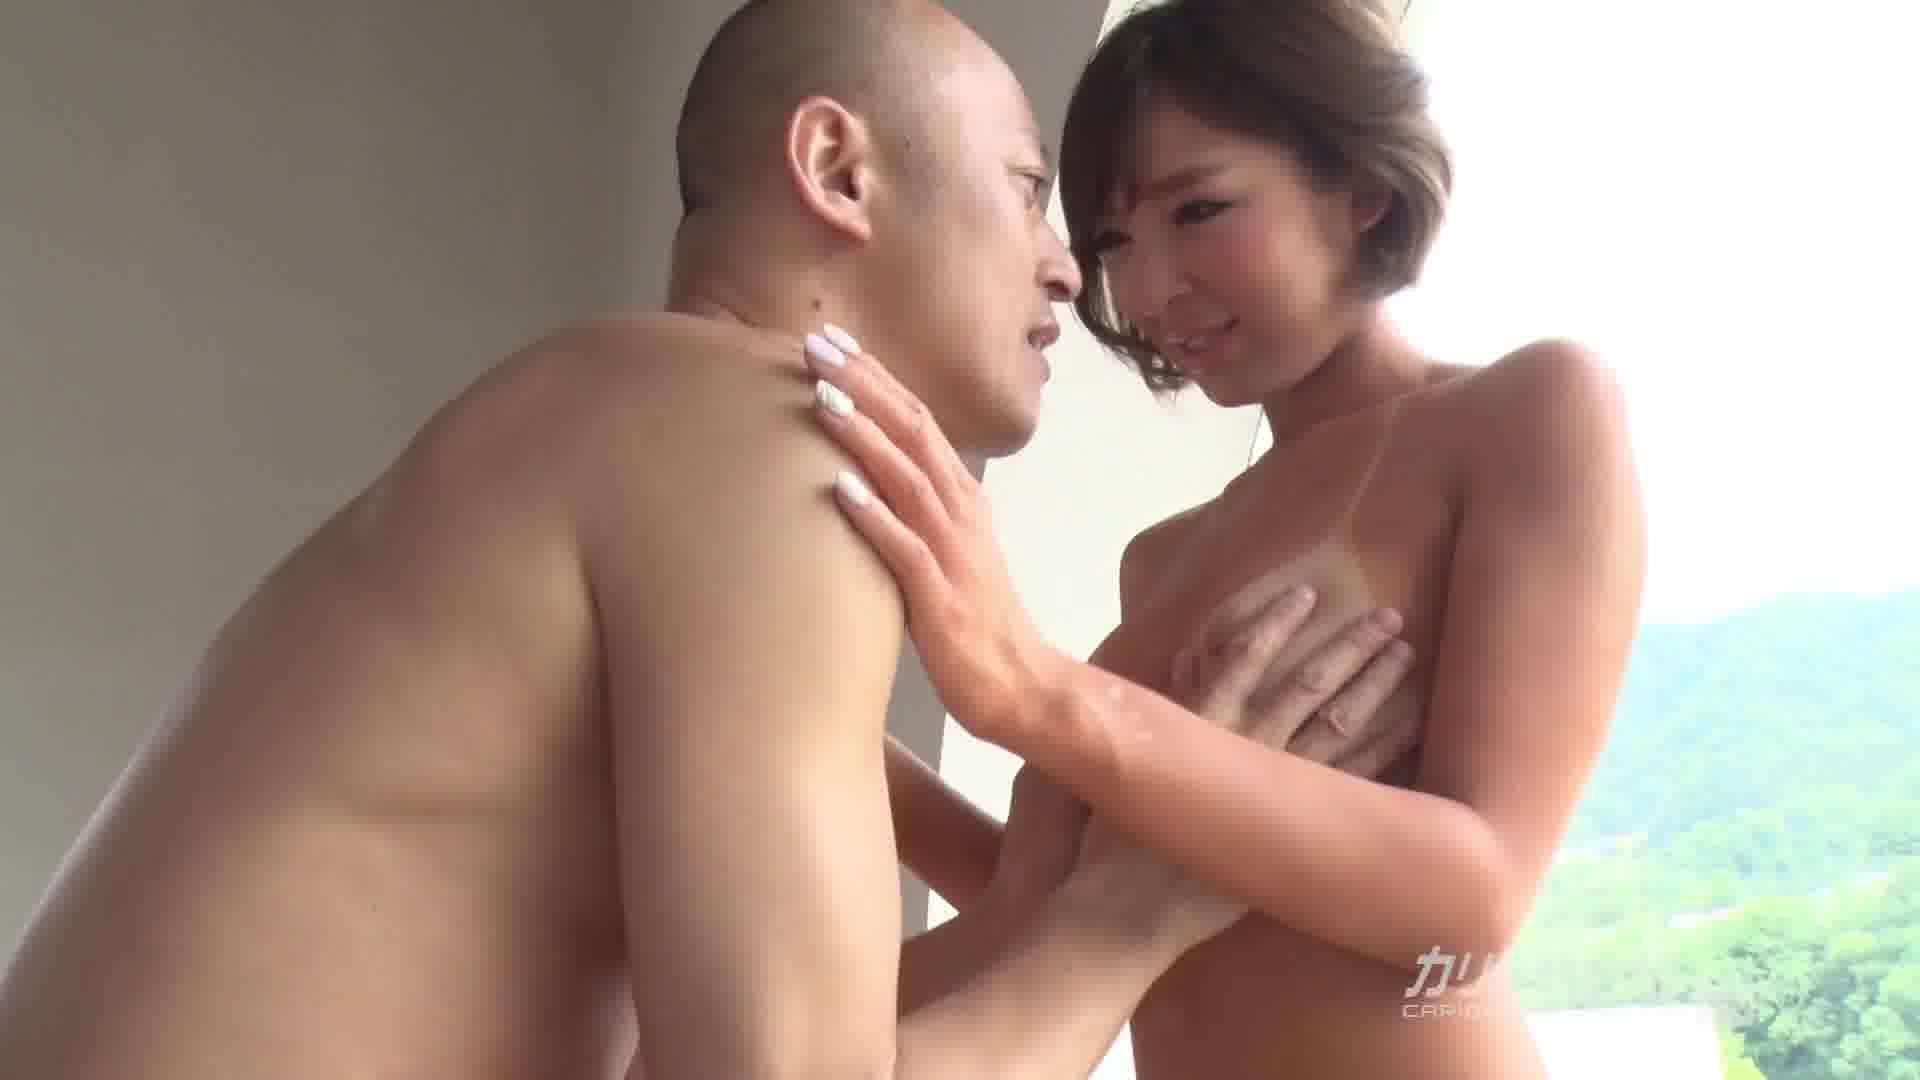 桜田さくら監督作品 ~羽川るなが黒ギャルになって痴女ります~ - 羽川るな【痴女・ギャル・3P】